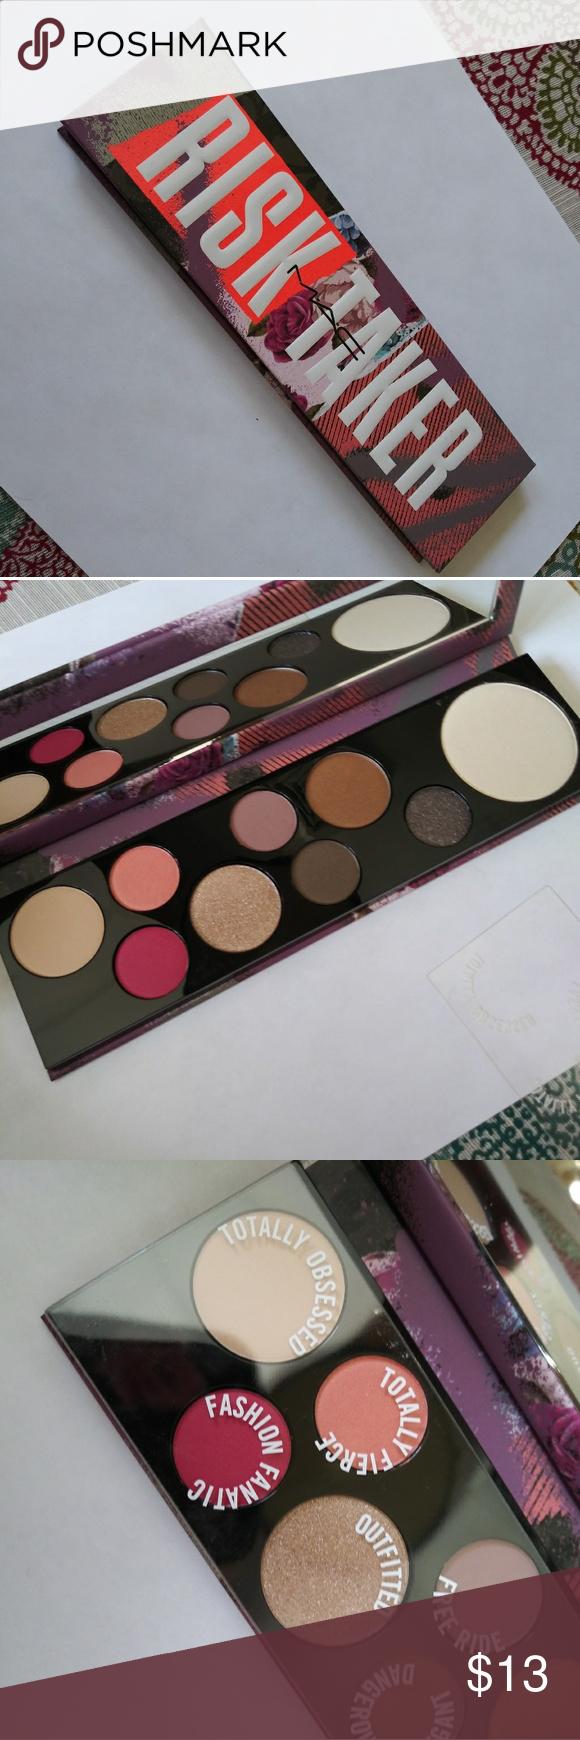 NWT MAC Cosmetics Risk Taker Eyeshadow Palette This MAC